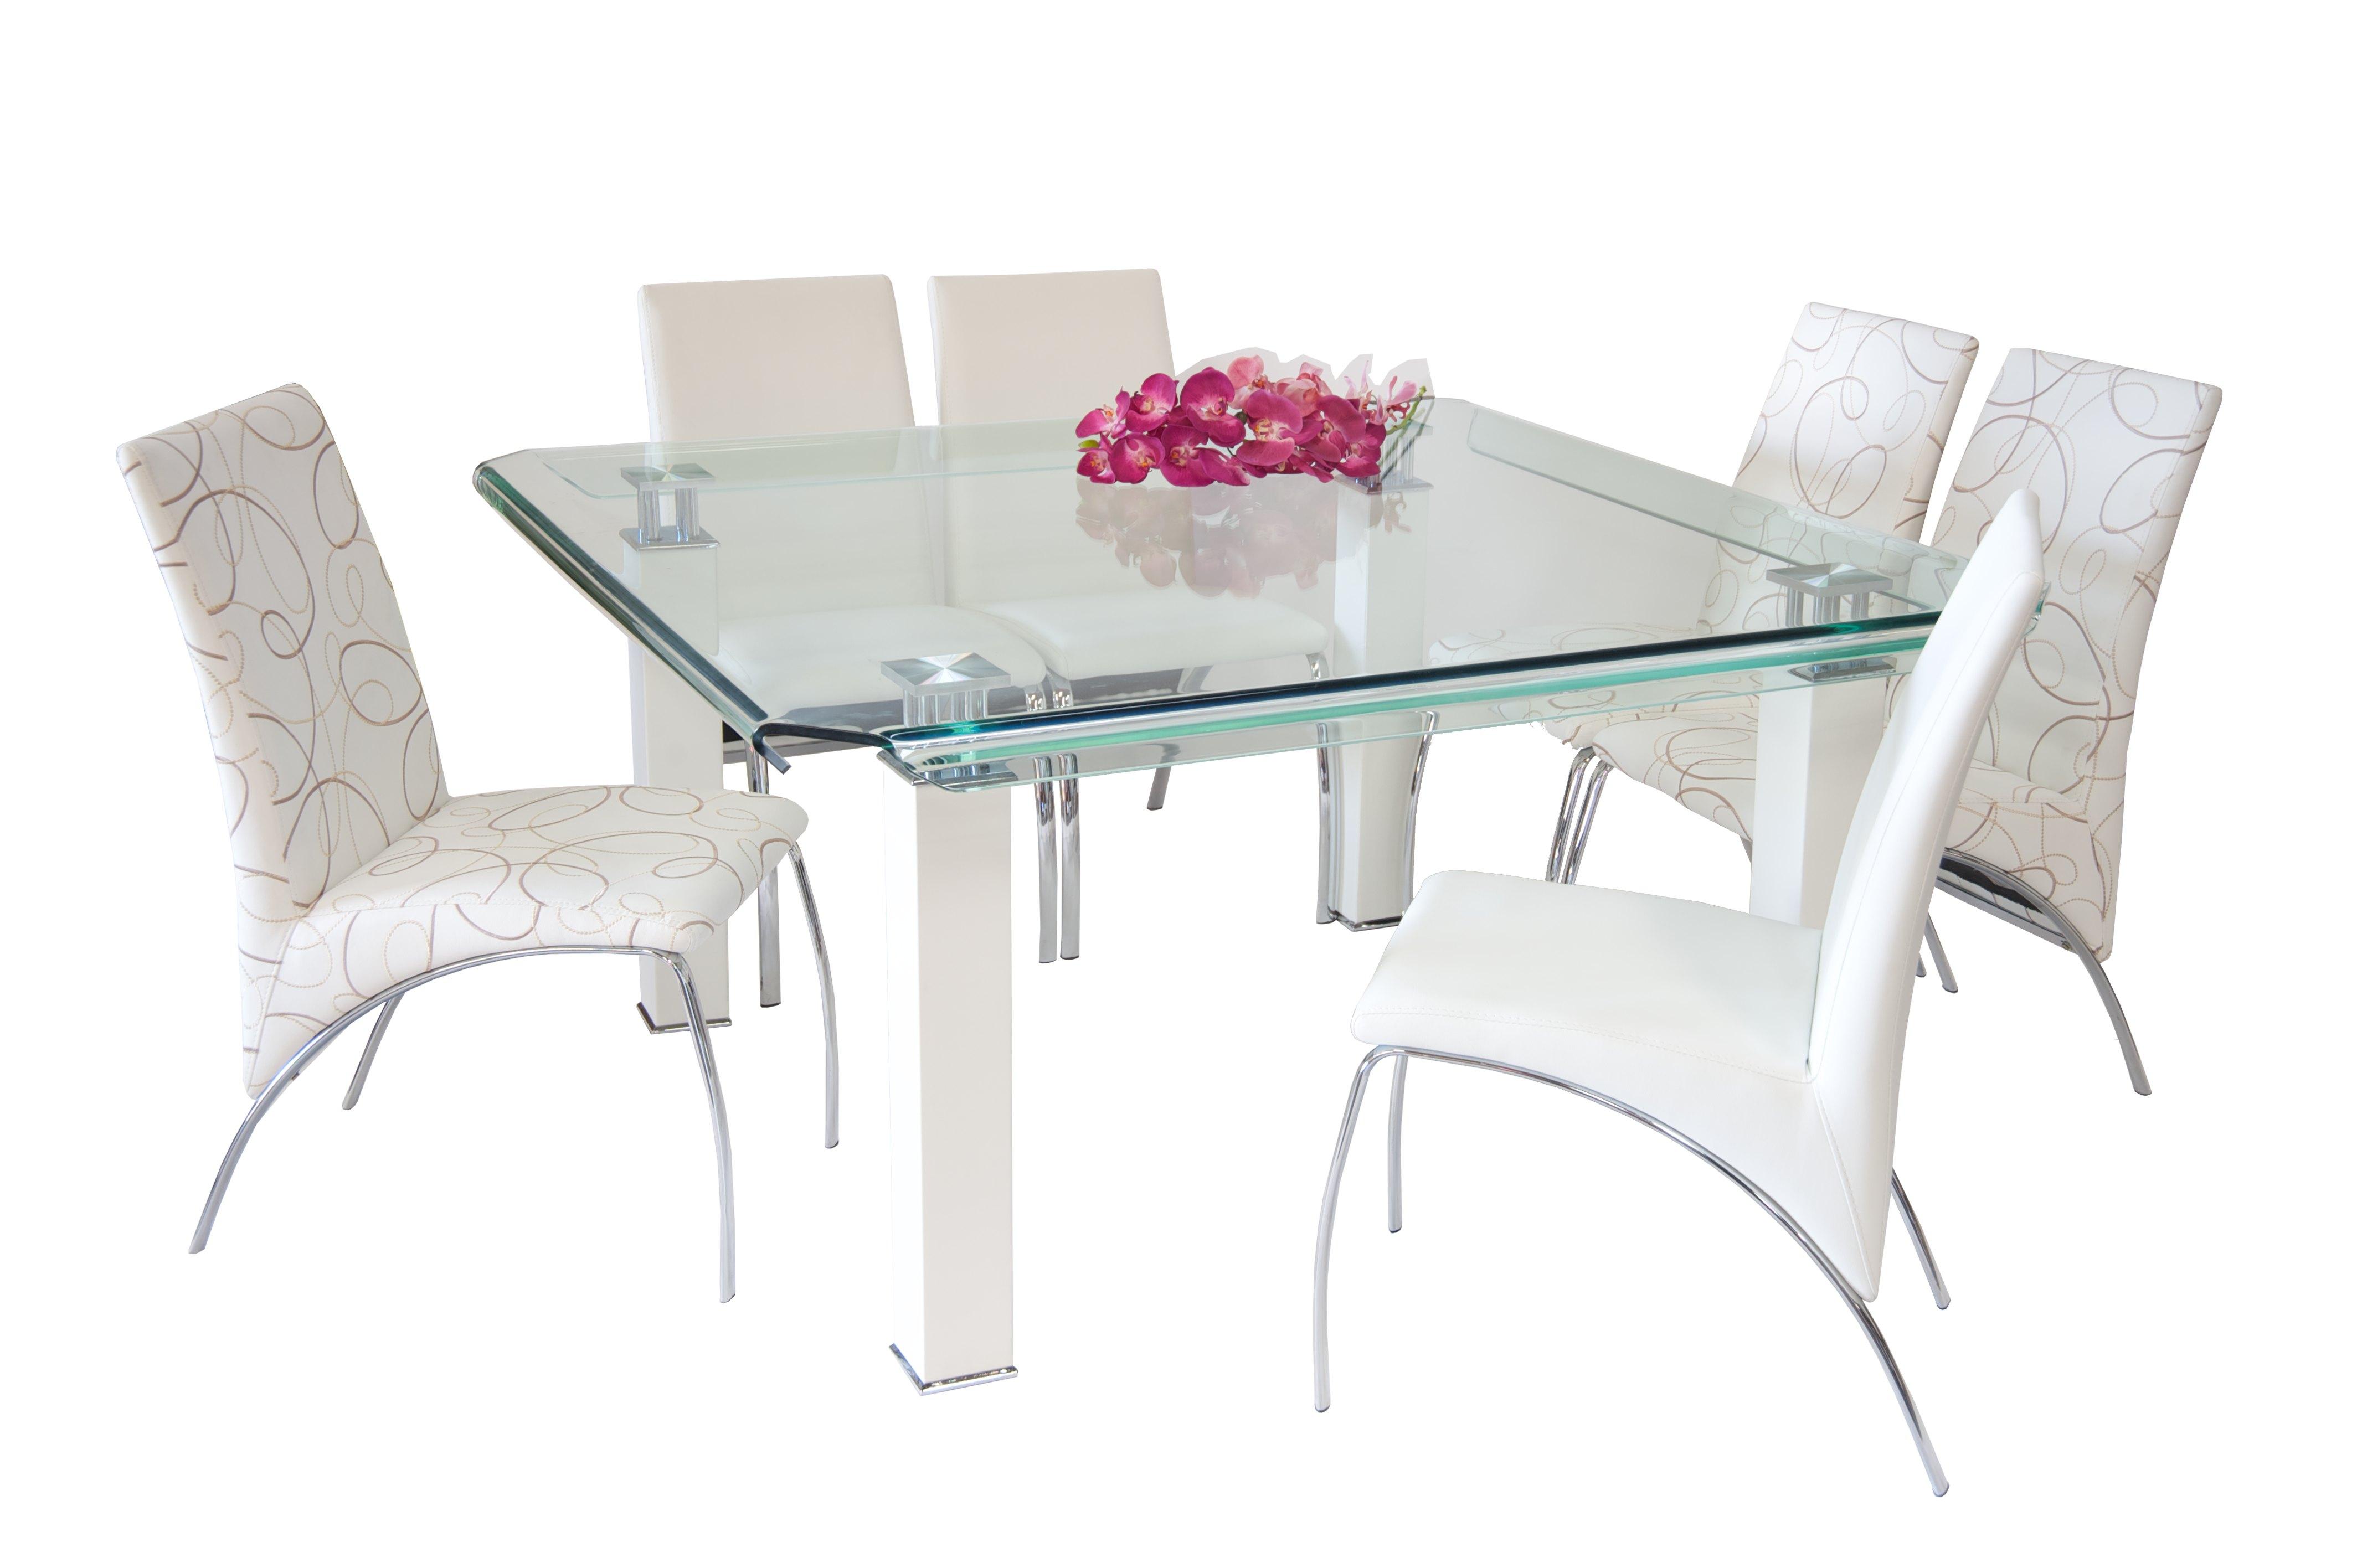 Piccola e grande calidad dise o confort y servicio en for Comedores de cristal df